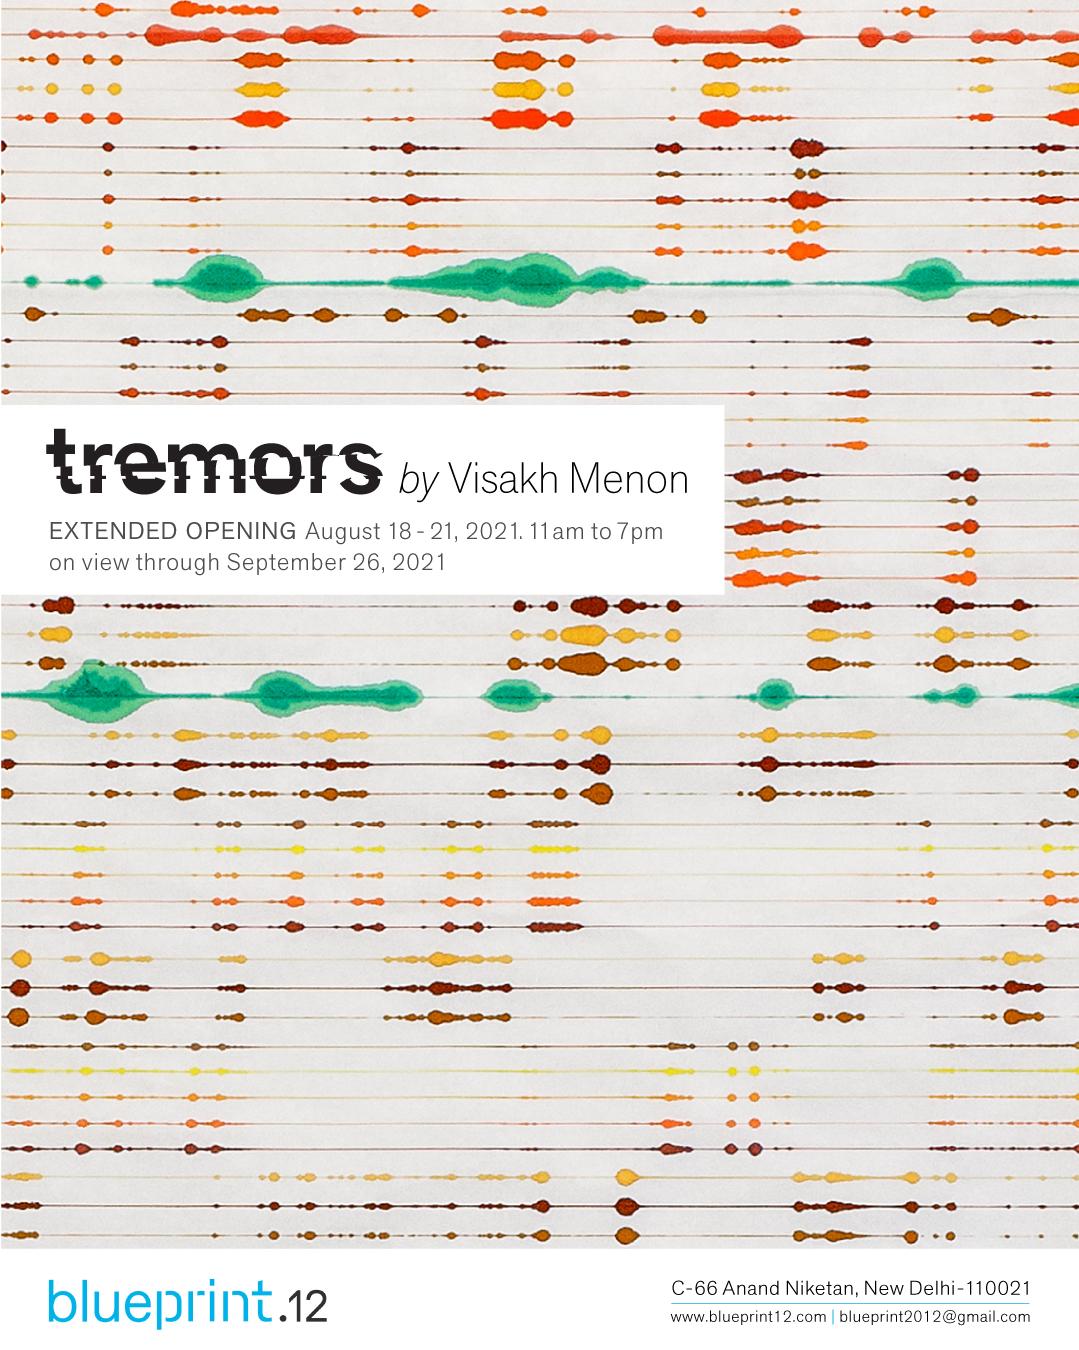 Visakh Menon, multi disciplinary artist, tape glitch, NY